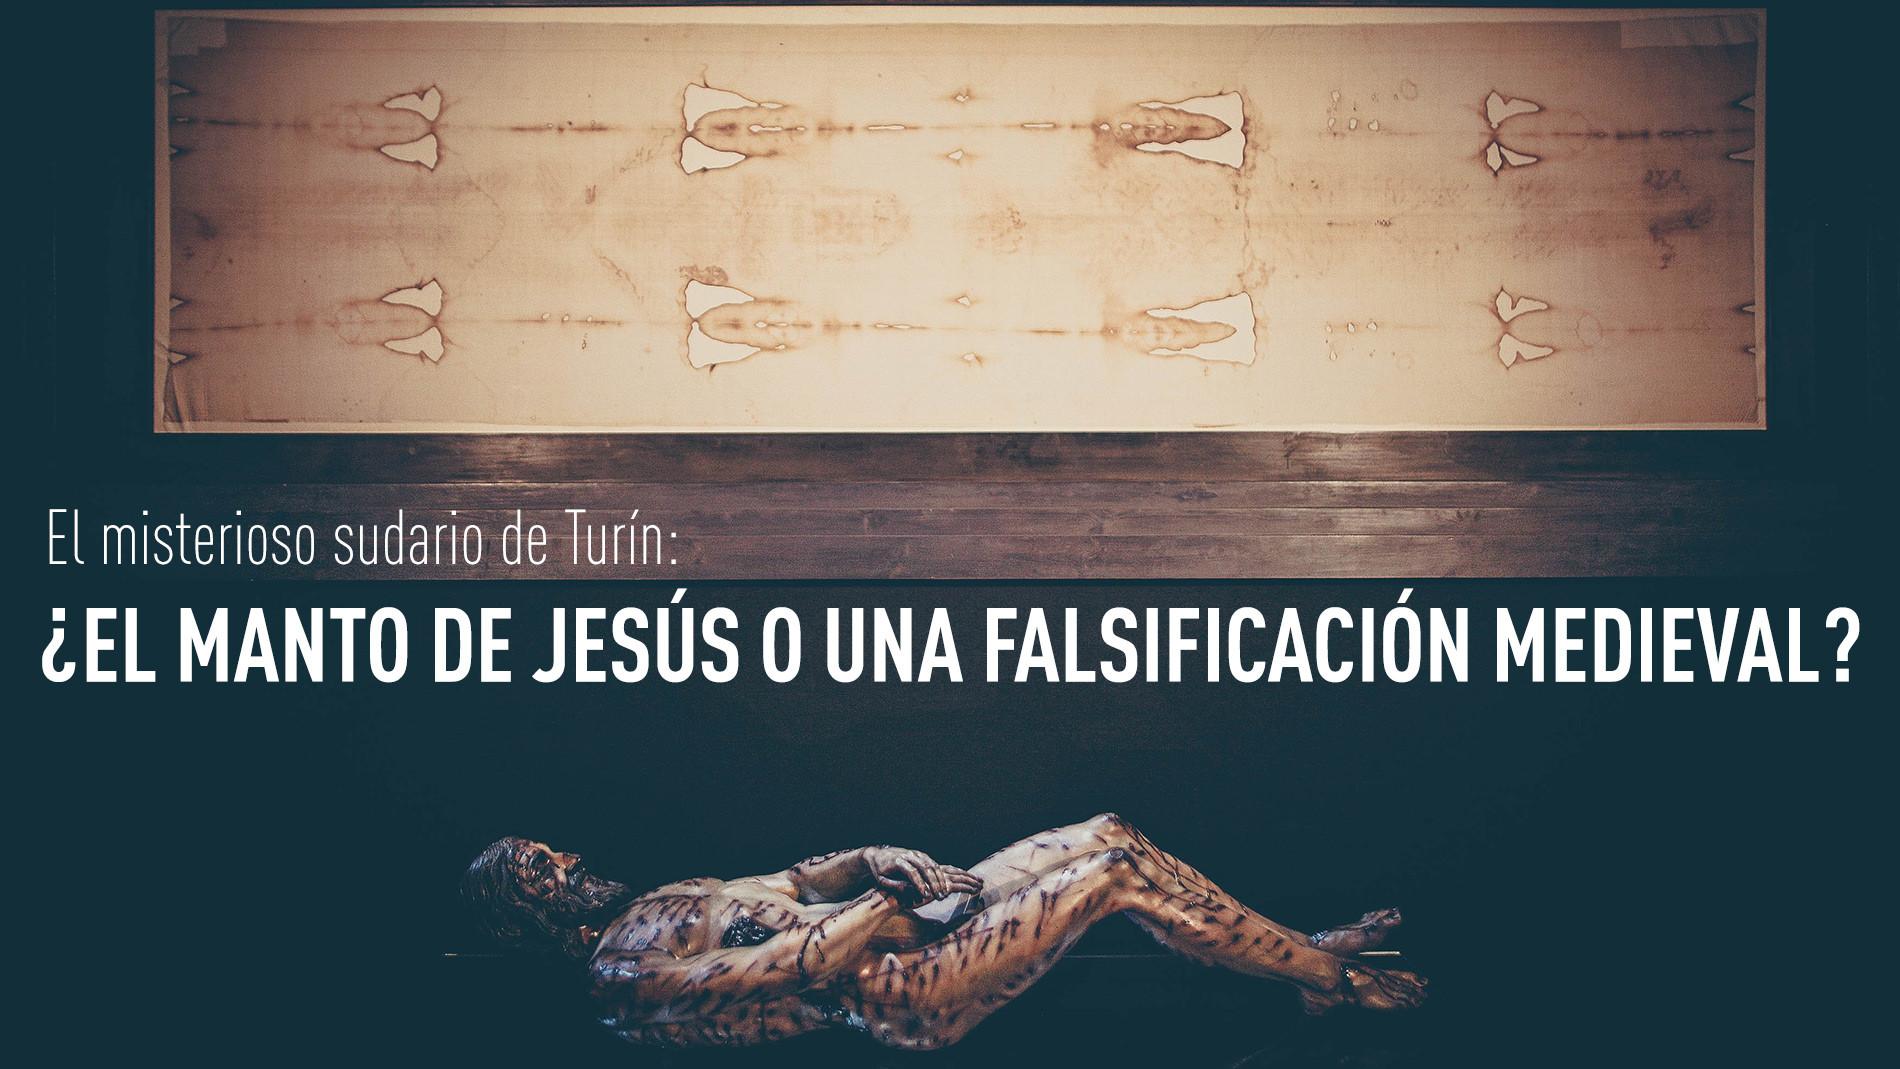 El misterioso sudario de Turín: ¿El manto de Jesús o una falsificación medieval?